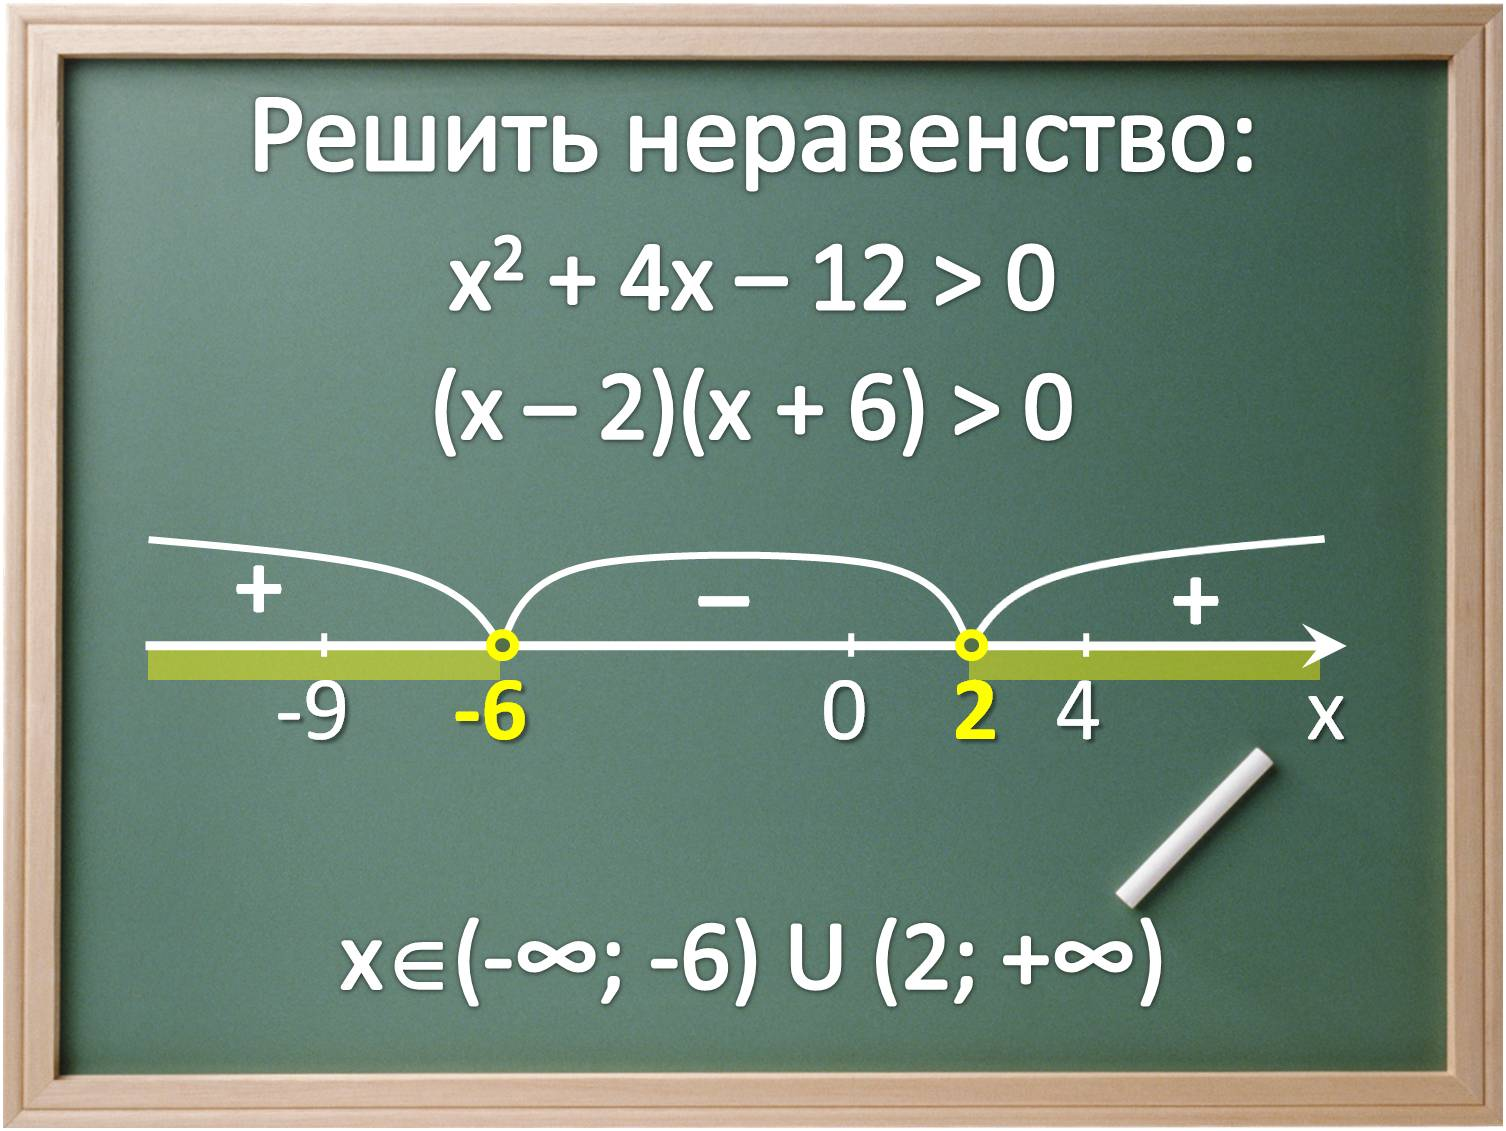 Урок геометрии в 7 классе прямая и